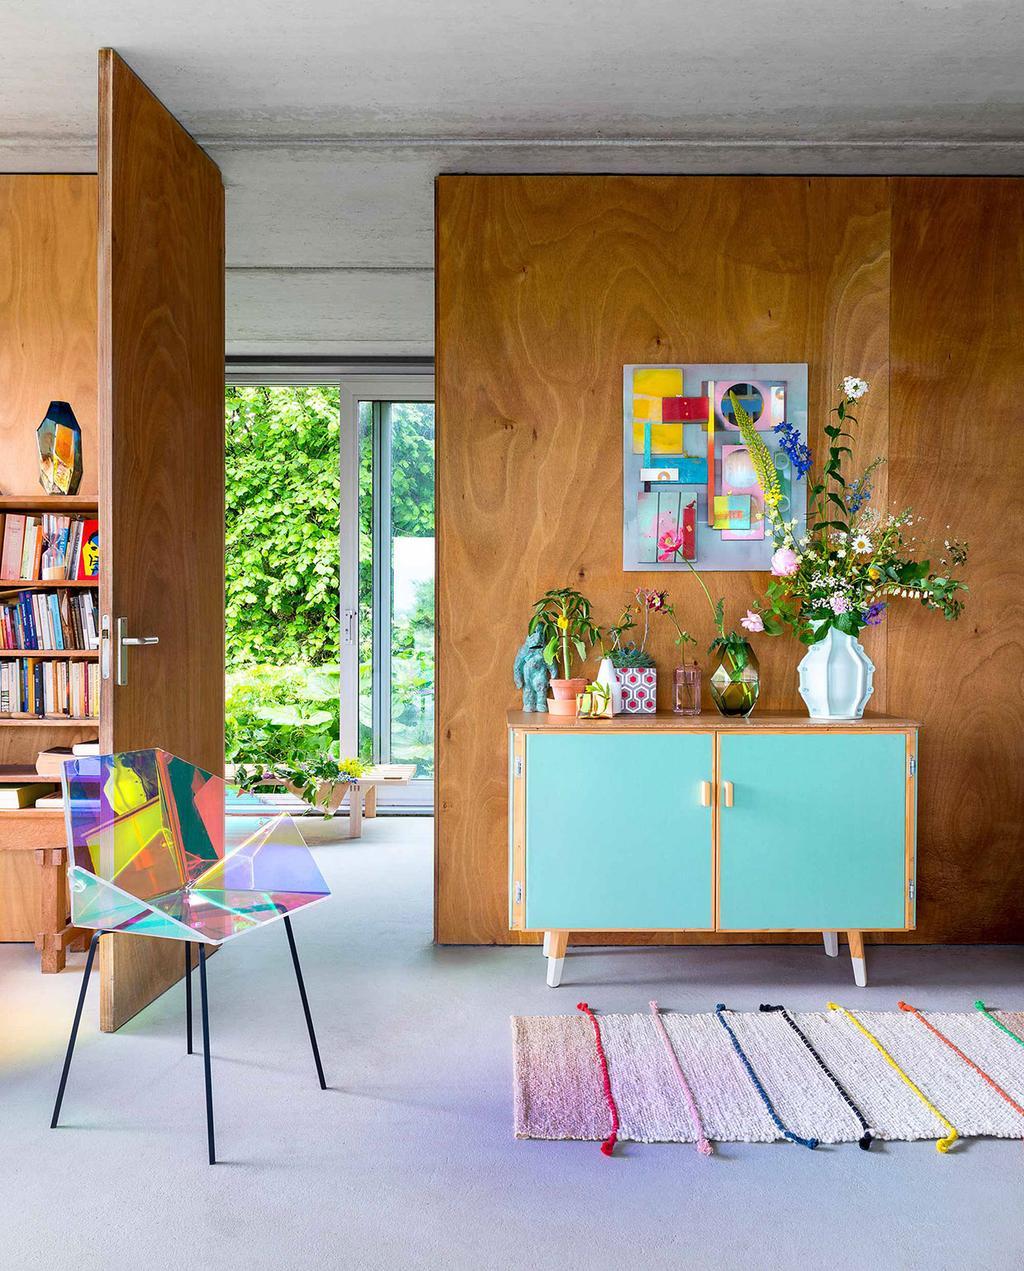 vtwonen 08-2016 | houten scheidingswand kleurrijk interieur | kleur in huis